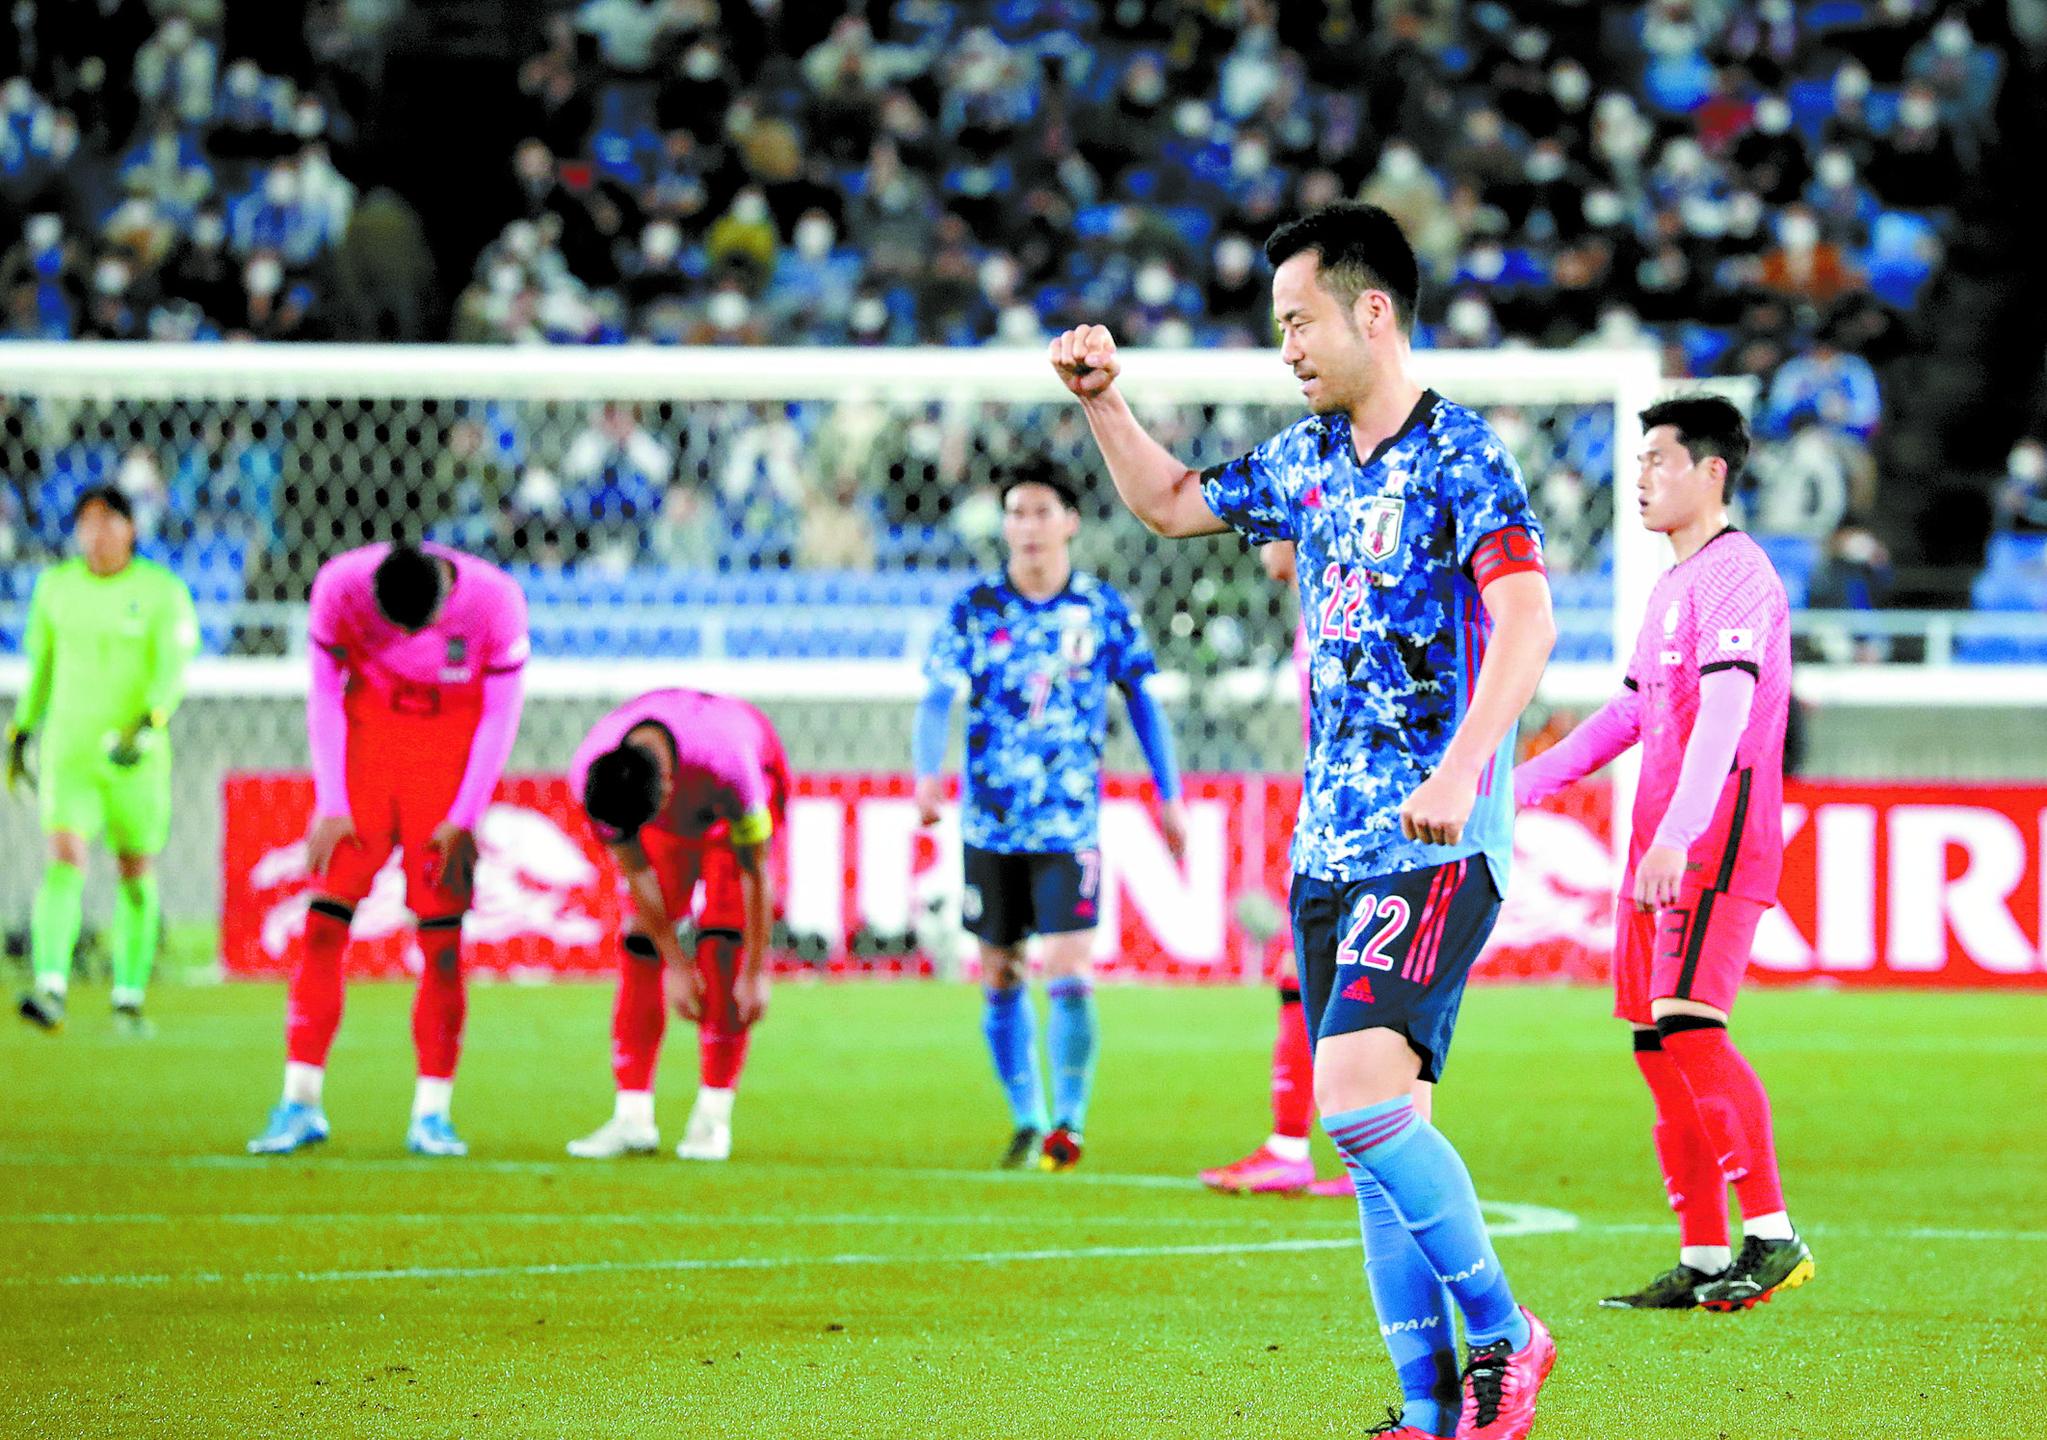 한일전 0-3 완패 직후 아쉬워하는 이동경(오른쪽 첫번째)과 고개 숙인 한국 선수들. 그들 앞에서 주먹을 불끈 쥐며 기뻐하는 일본 수비수 요시다 마야. [연합뉴스]